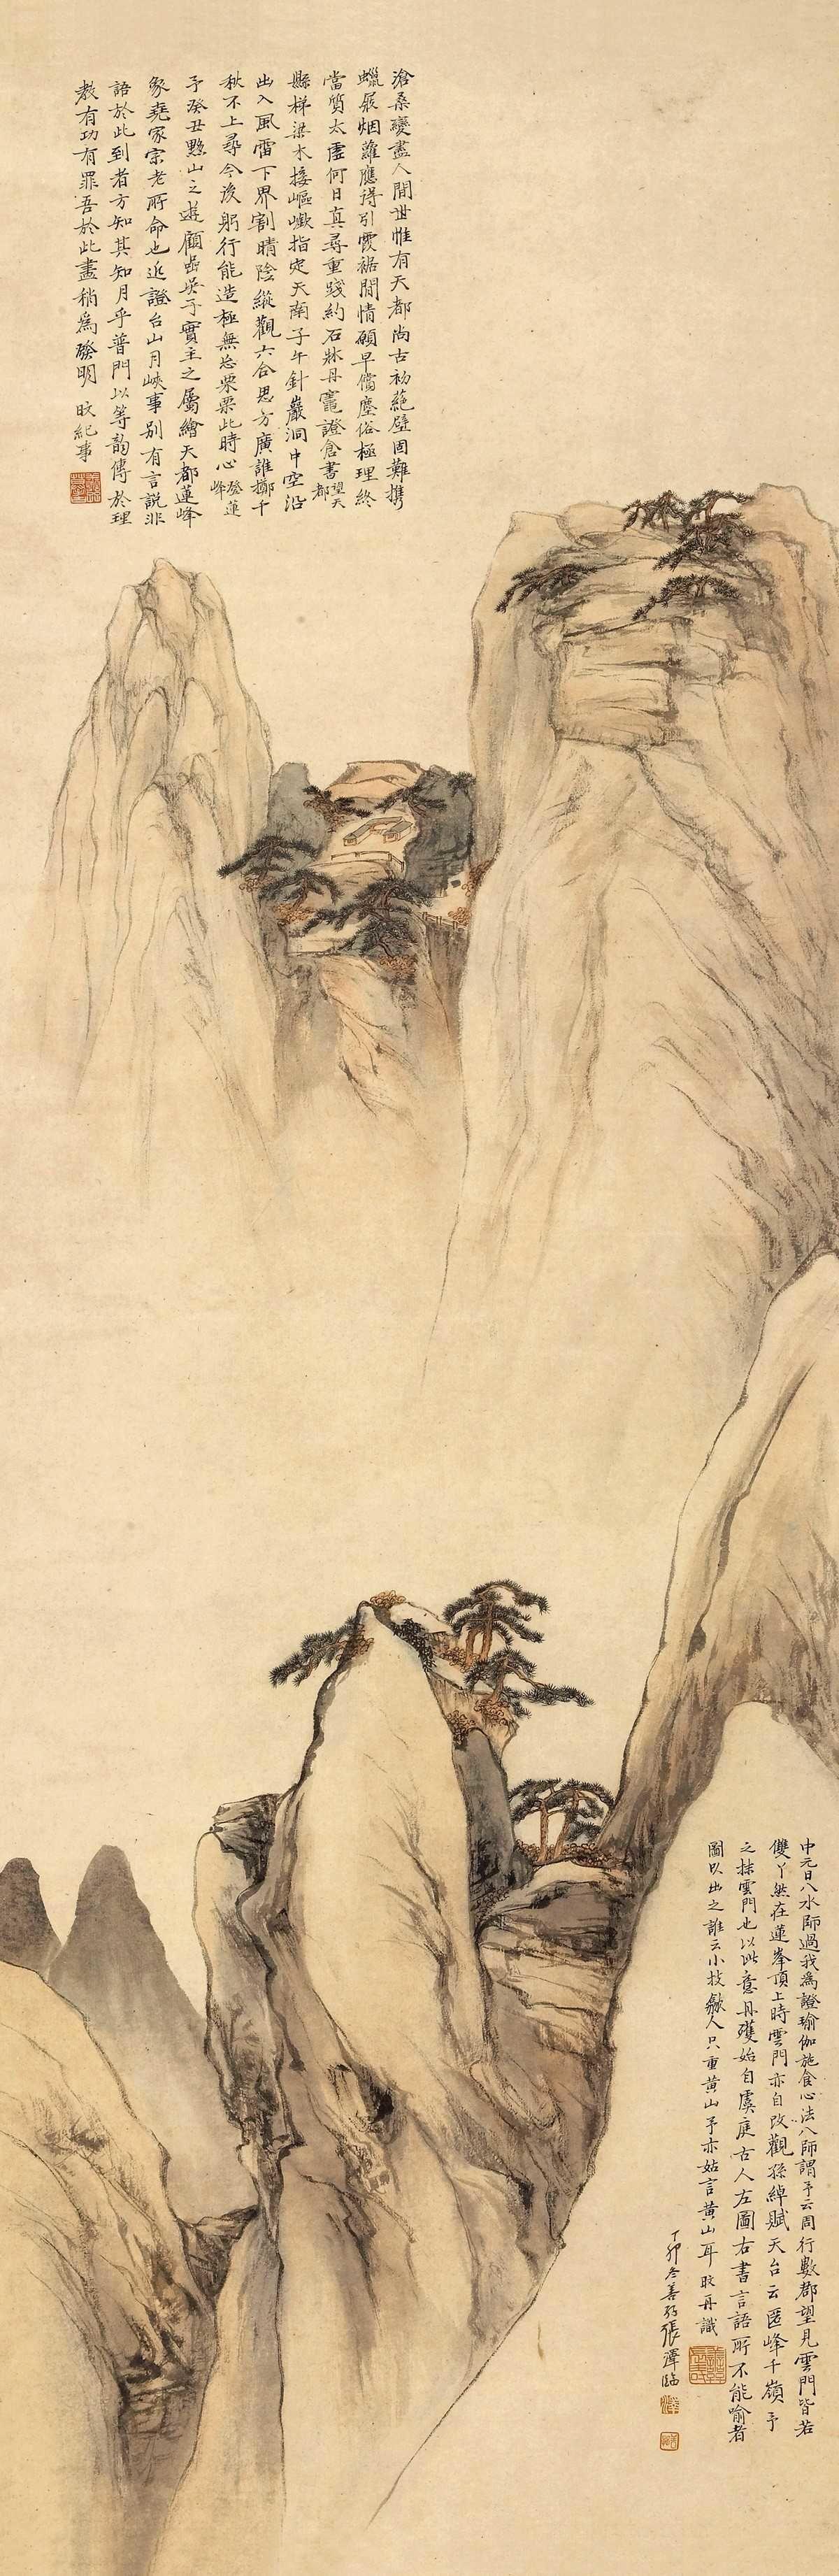 黄山图-张善孖-159x54cm-1927